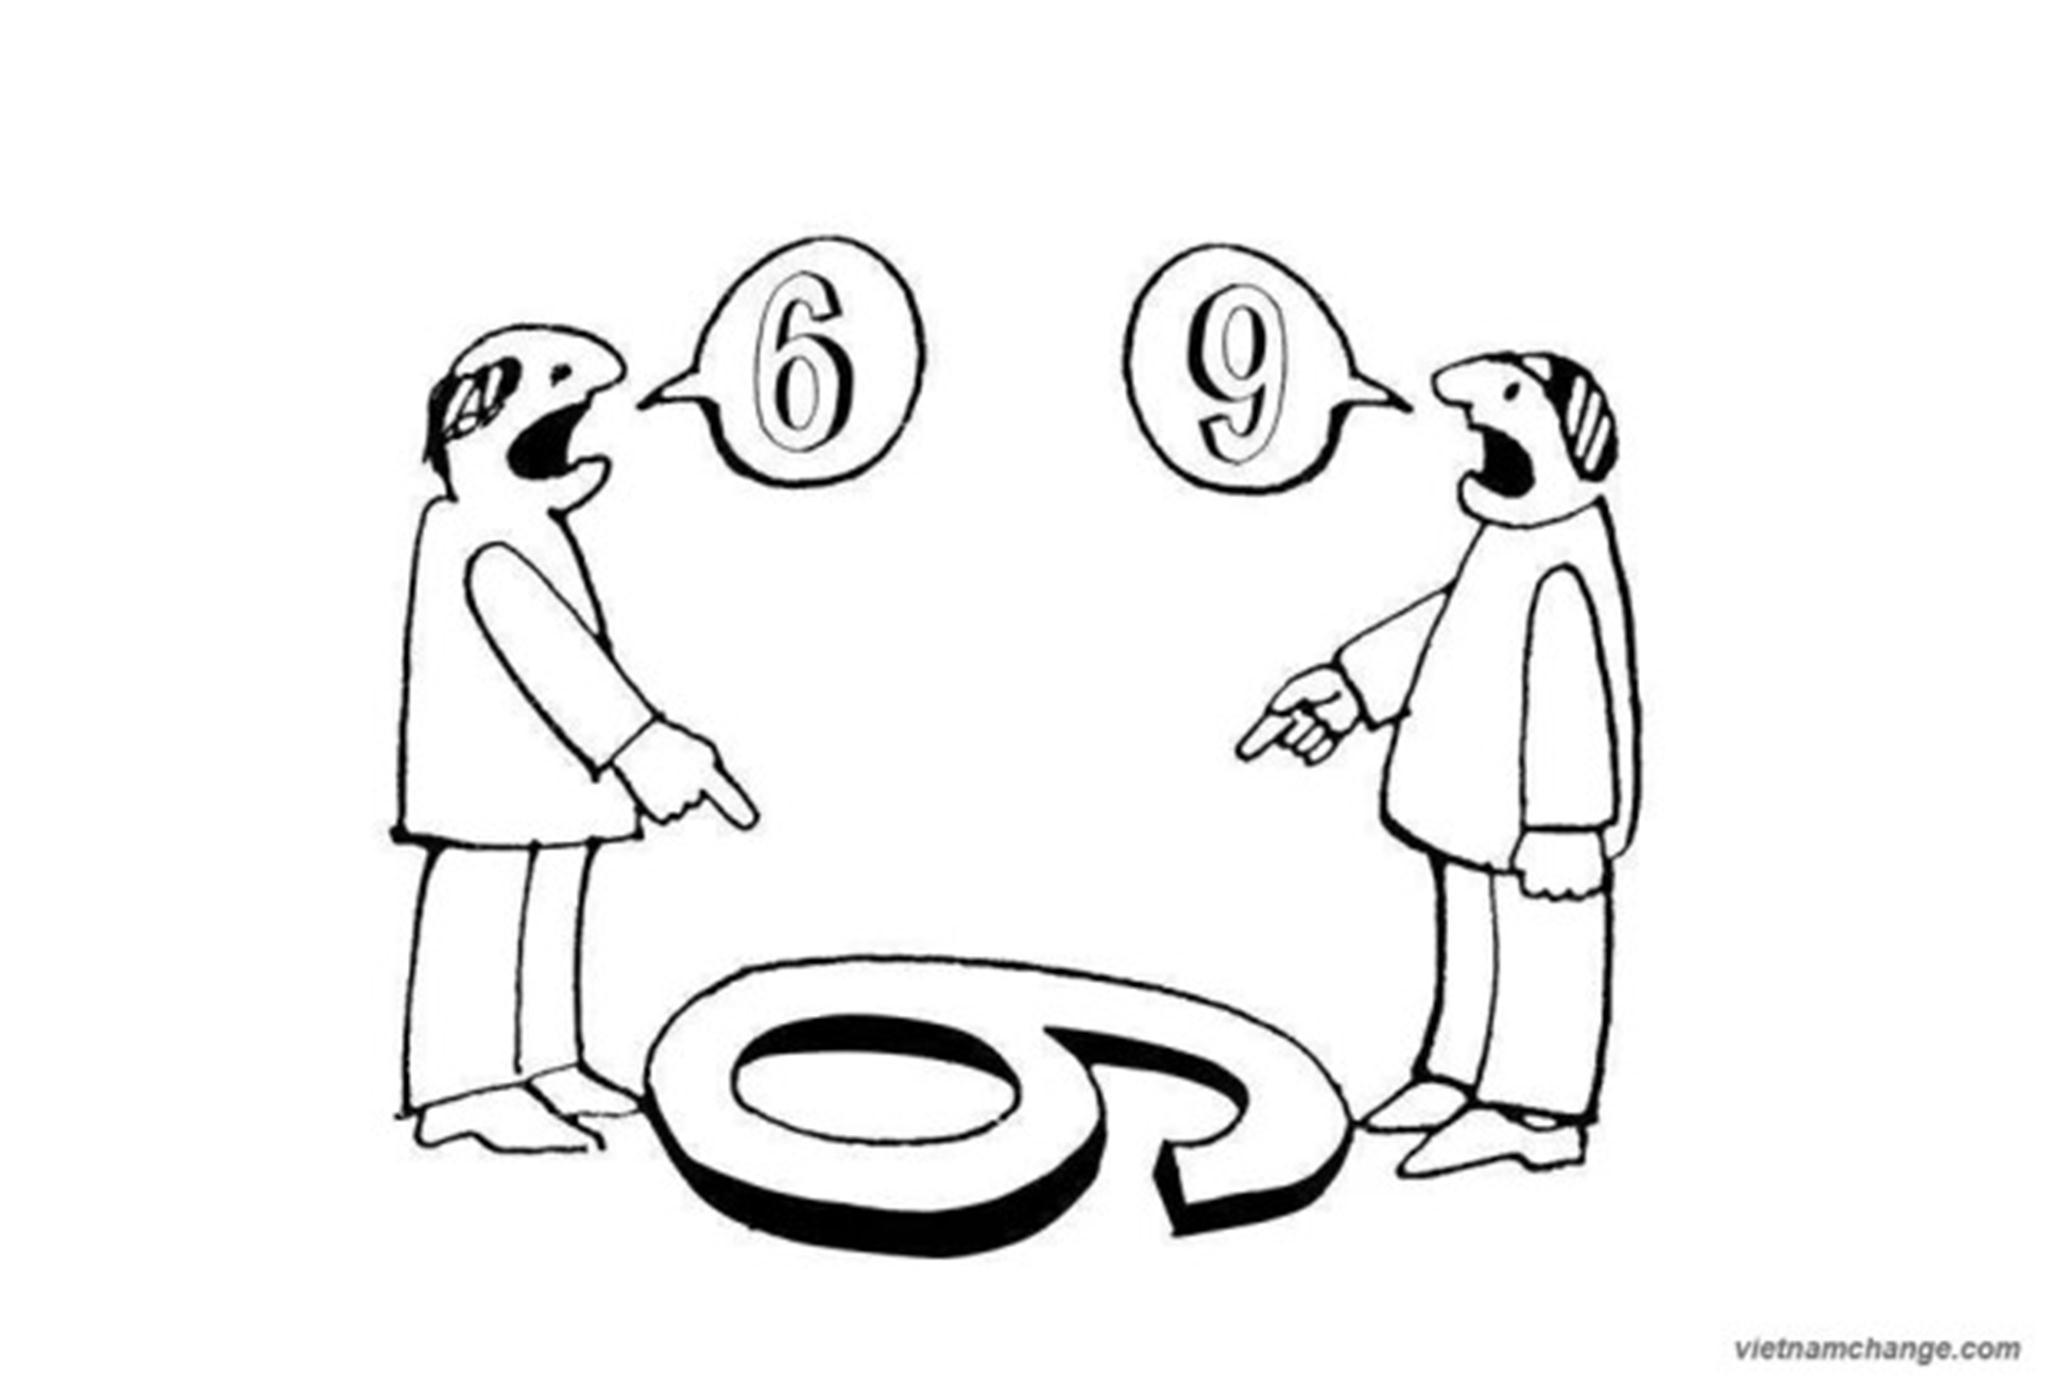 Tôi đã học được rằng, vấn đề không phải là hình dáng số 6 hay số 9.  Vấn đề là lợi ích của việc nhìn số 6 hoặc nhìn ra số 9 là gì.